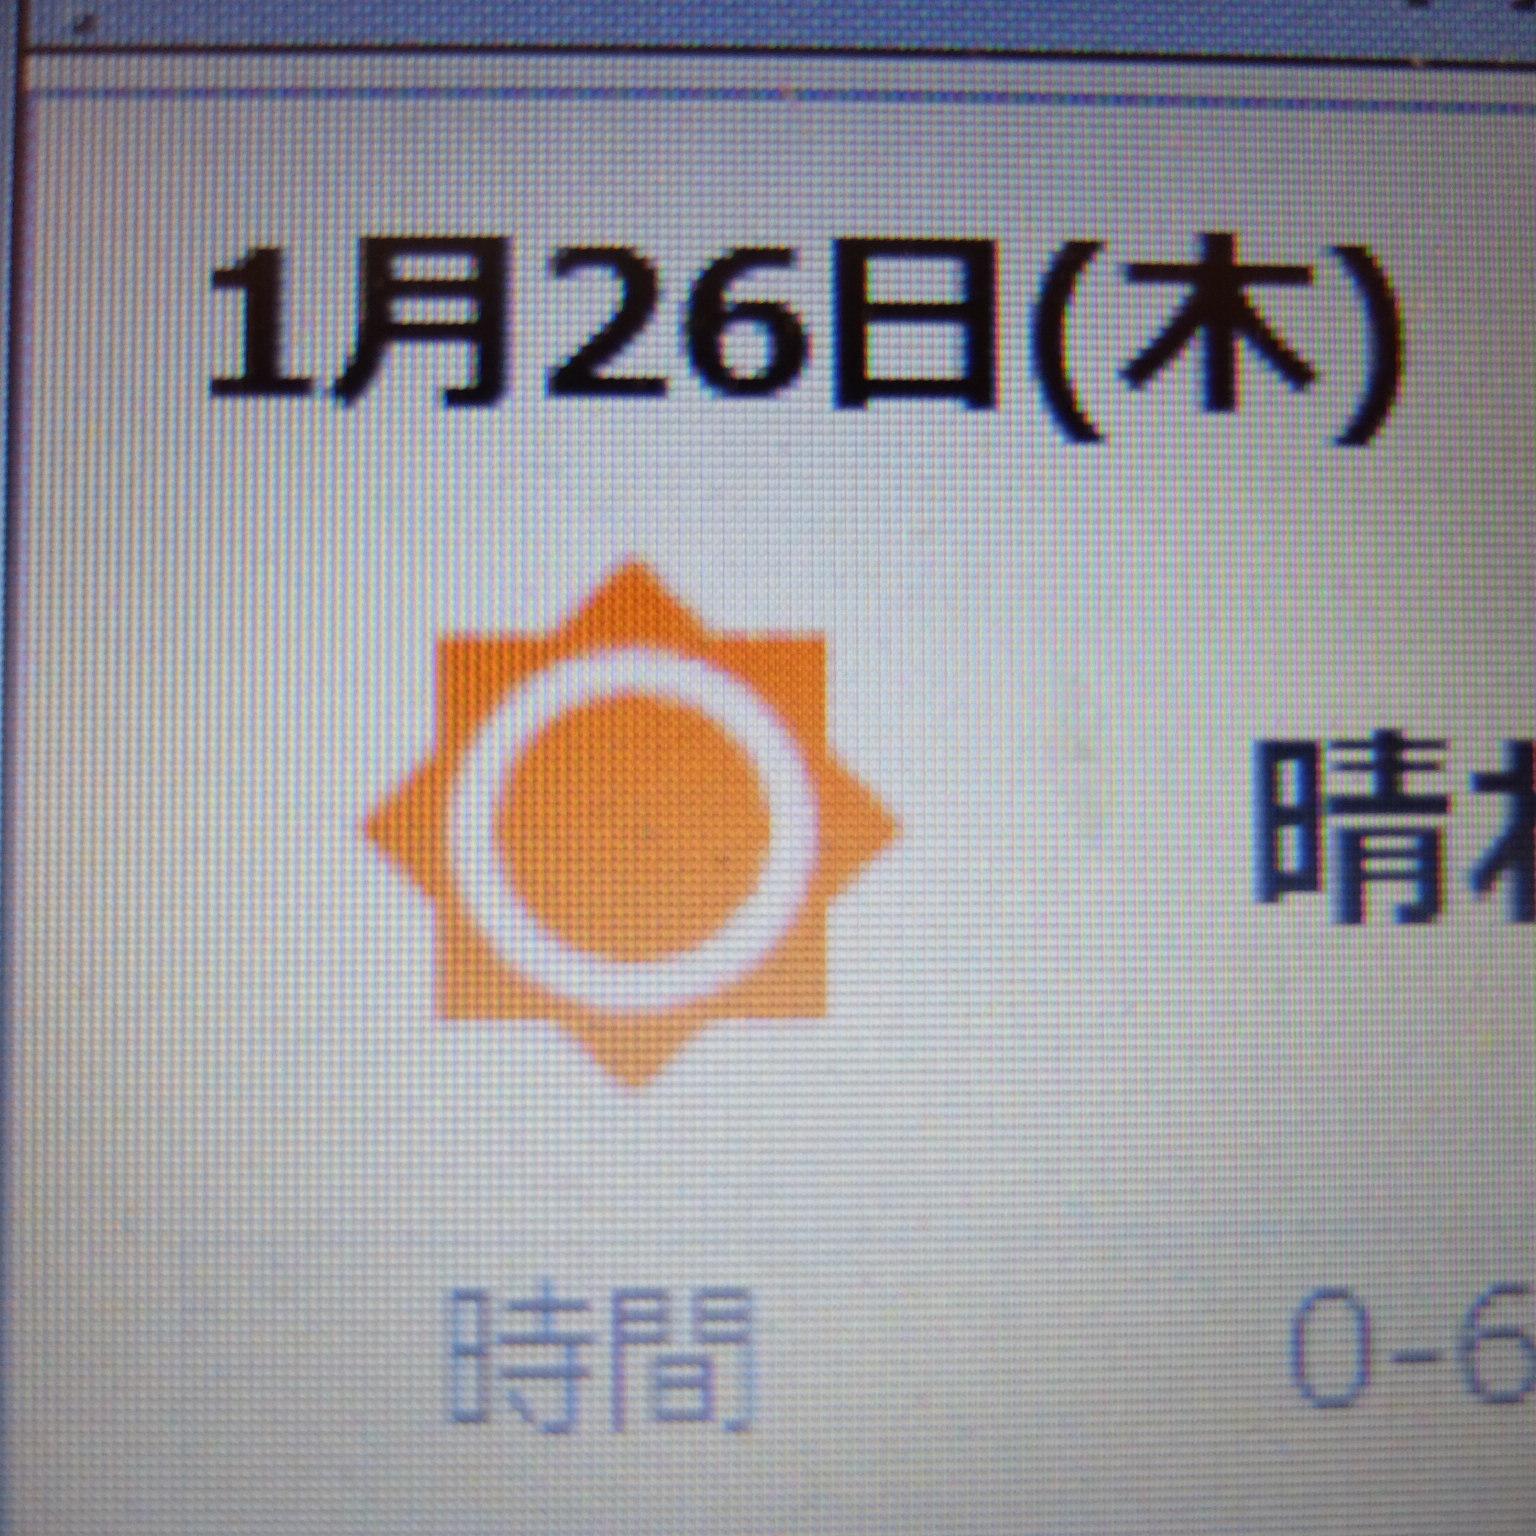 17012602.jpg